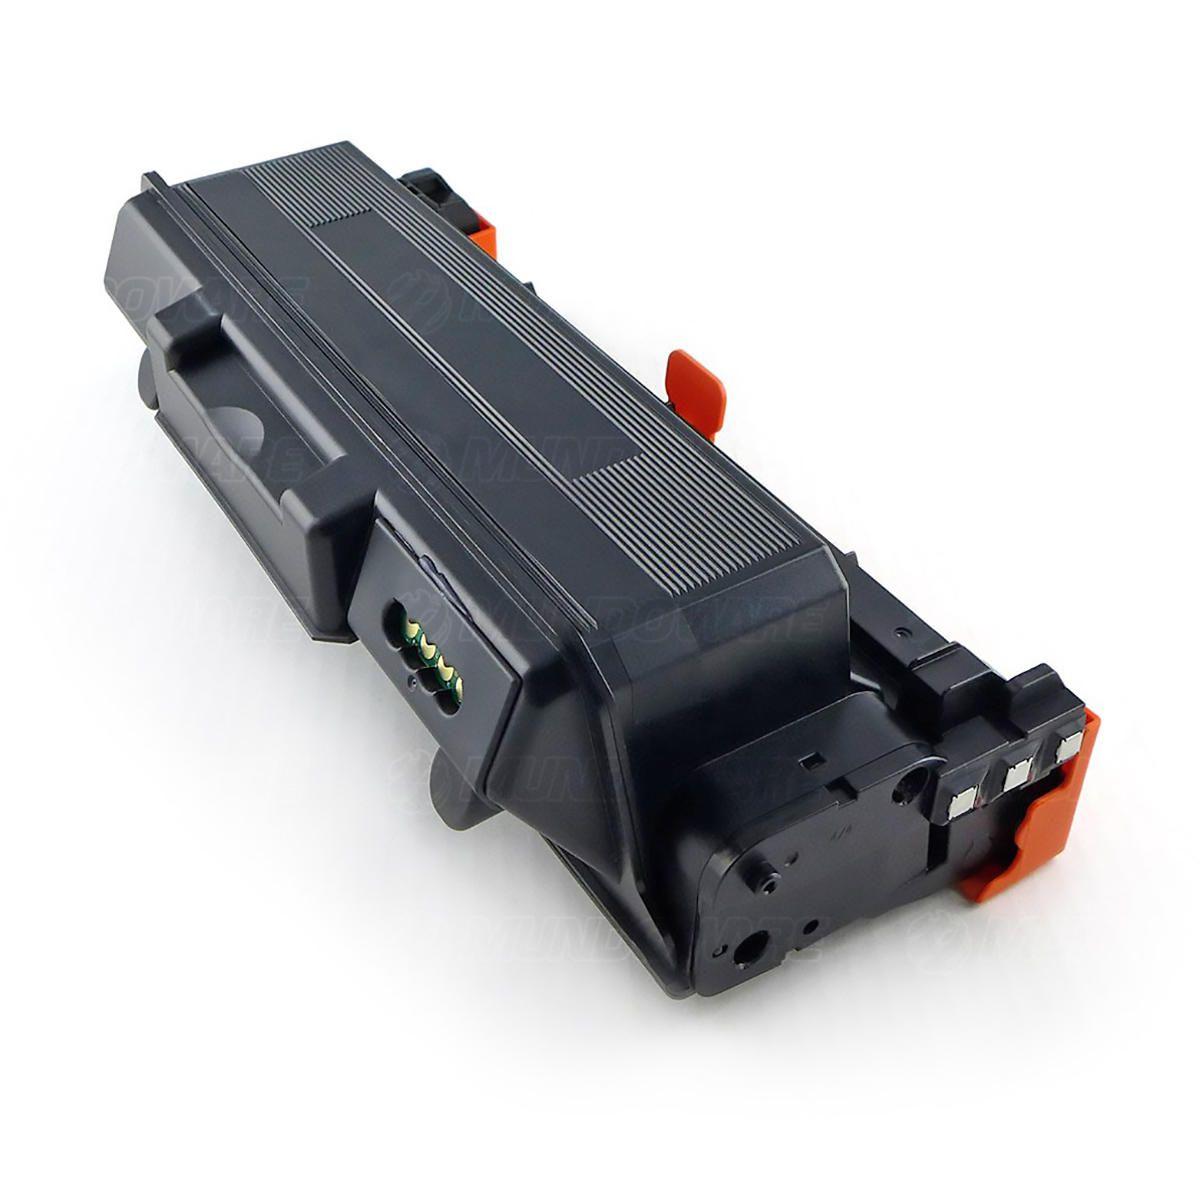 Compatível: Toner D204U MLT-204U para Samsung M4025nd M4075fw M4075fr M4025 M4075 4025nd 4075fw 4075fr / Preto / 15.000